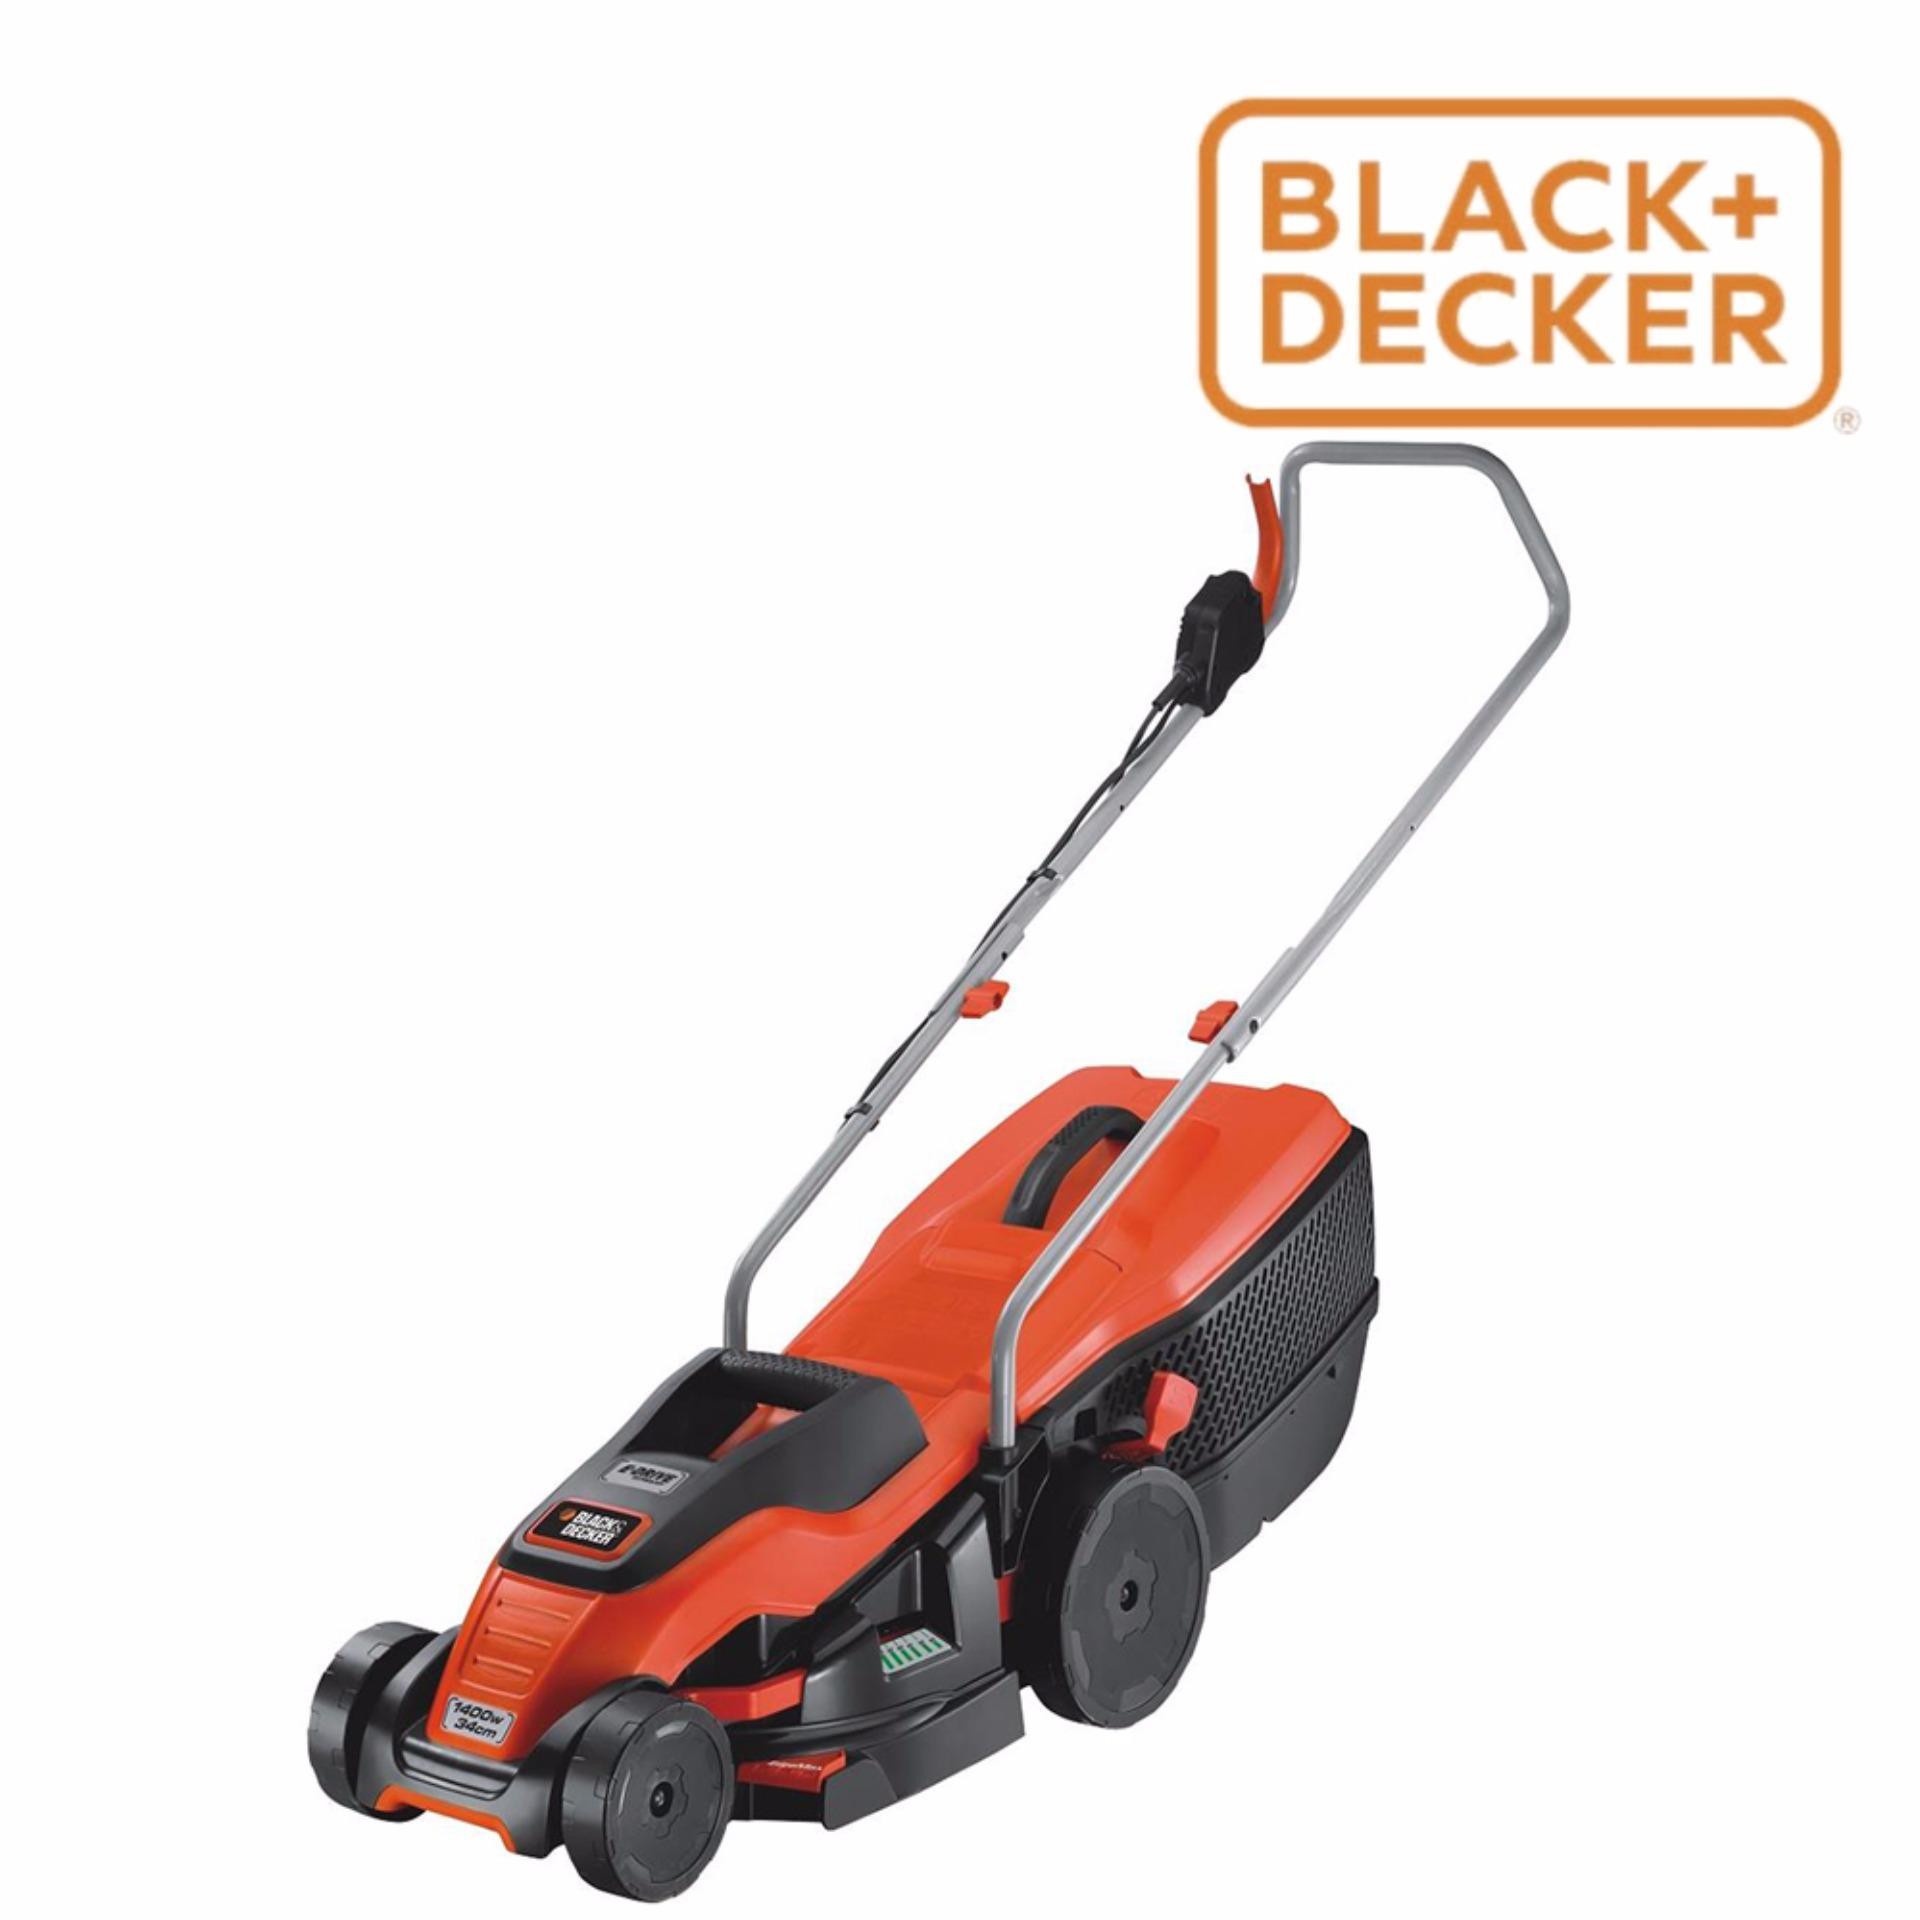 Máy cắt cỏ xe đẩy chạy điện Black & Decker EMAX34-B1 1400W 34cm